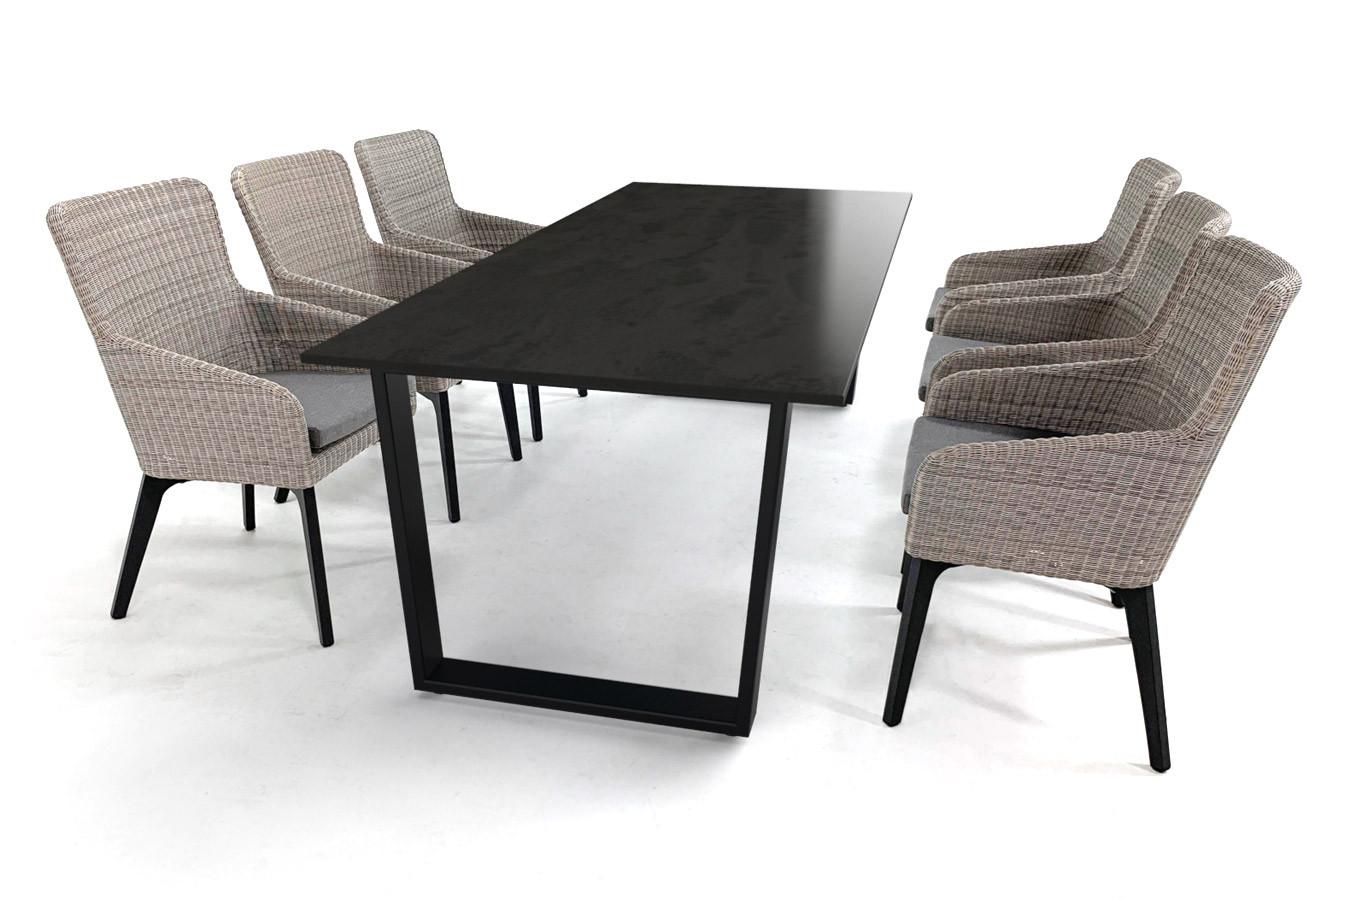 Gartentisch aus Keramik mit Dekton Radium-Platte und bequemen Luxor-Gartenstühlen von 4Seasons Outdoor